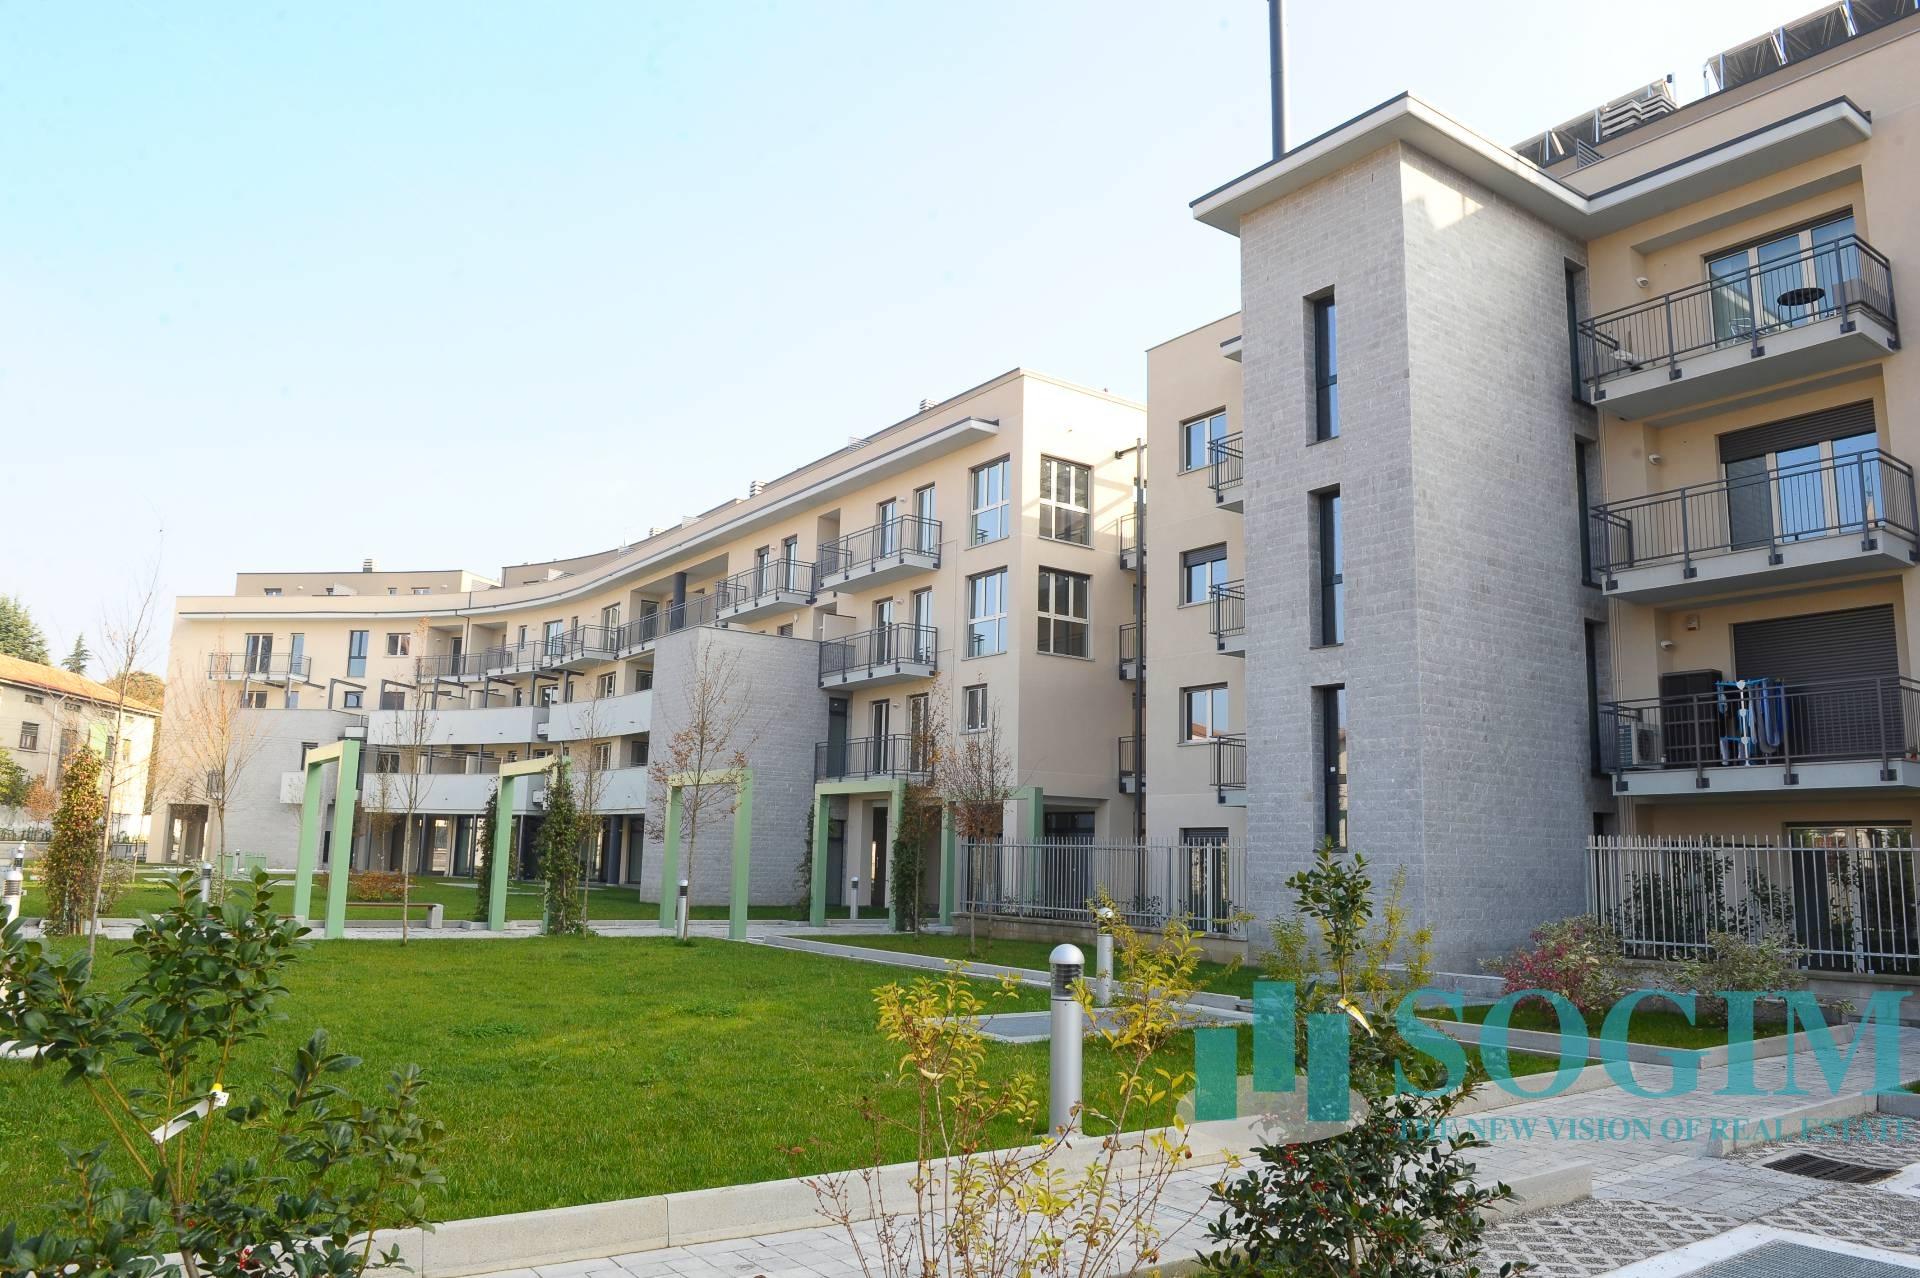 Immobile Commerciale in Vendita a Carugo  rif. 7564